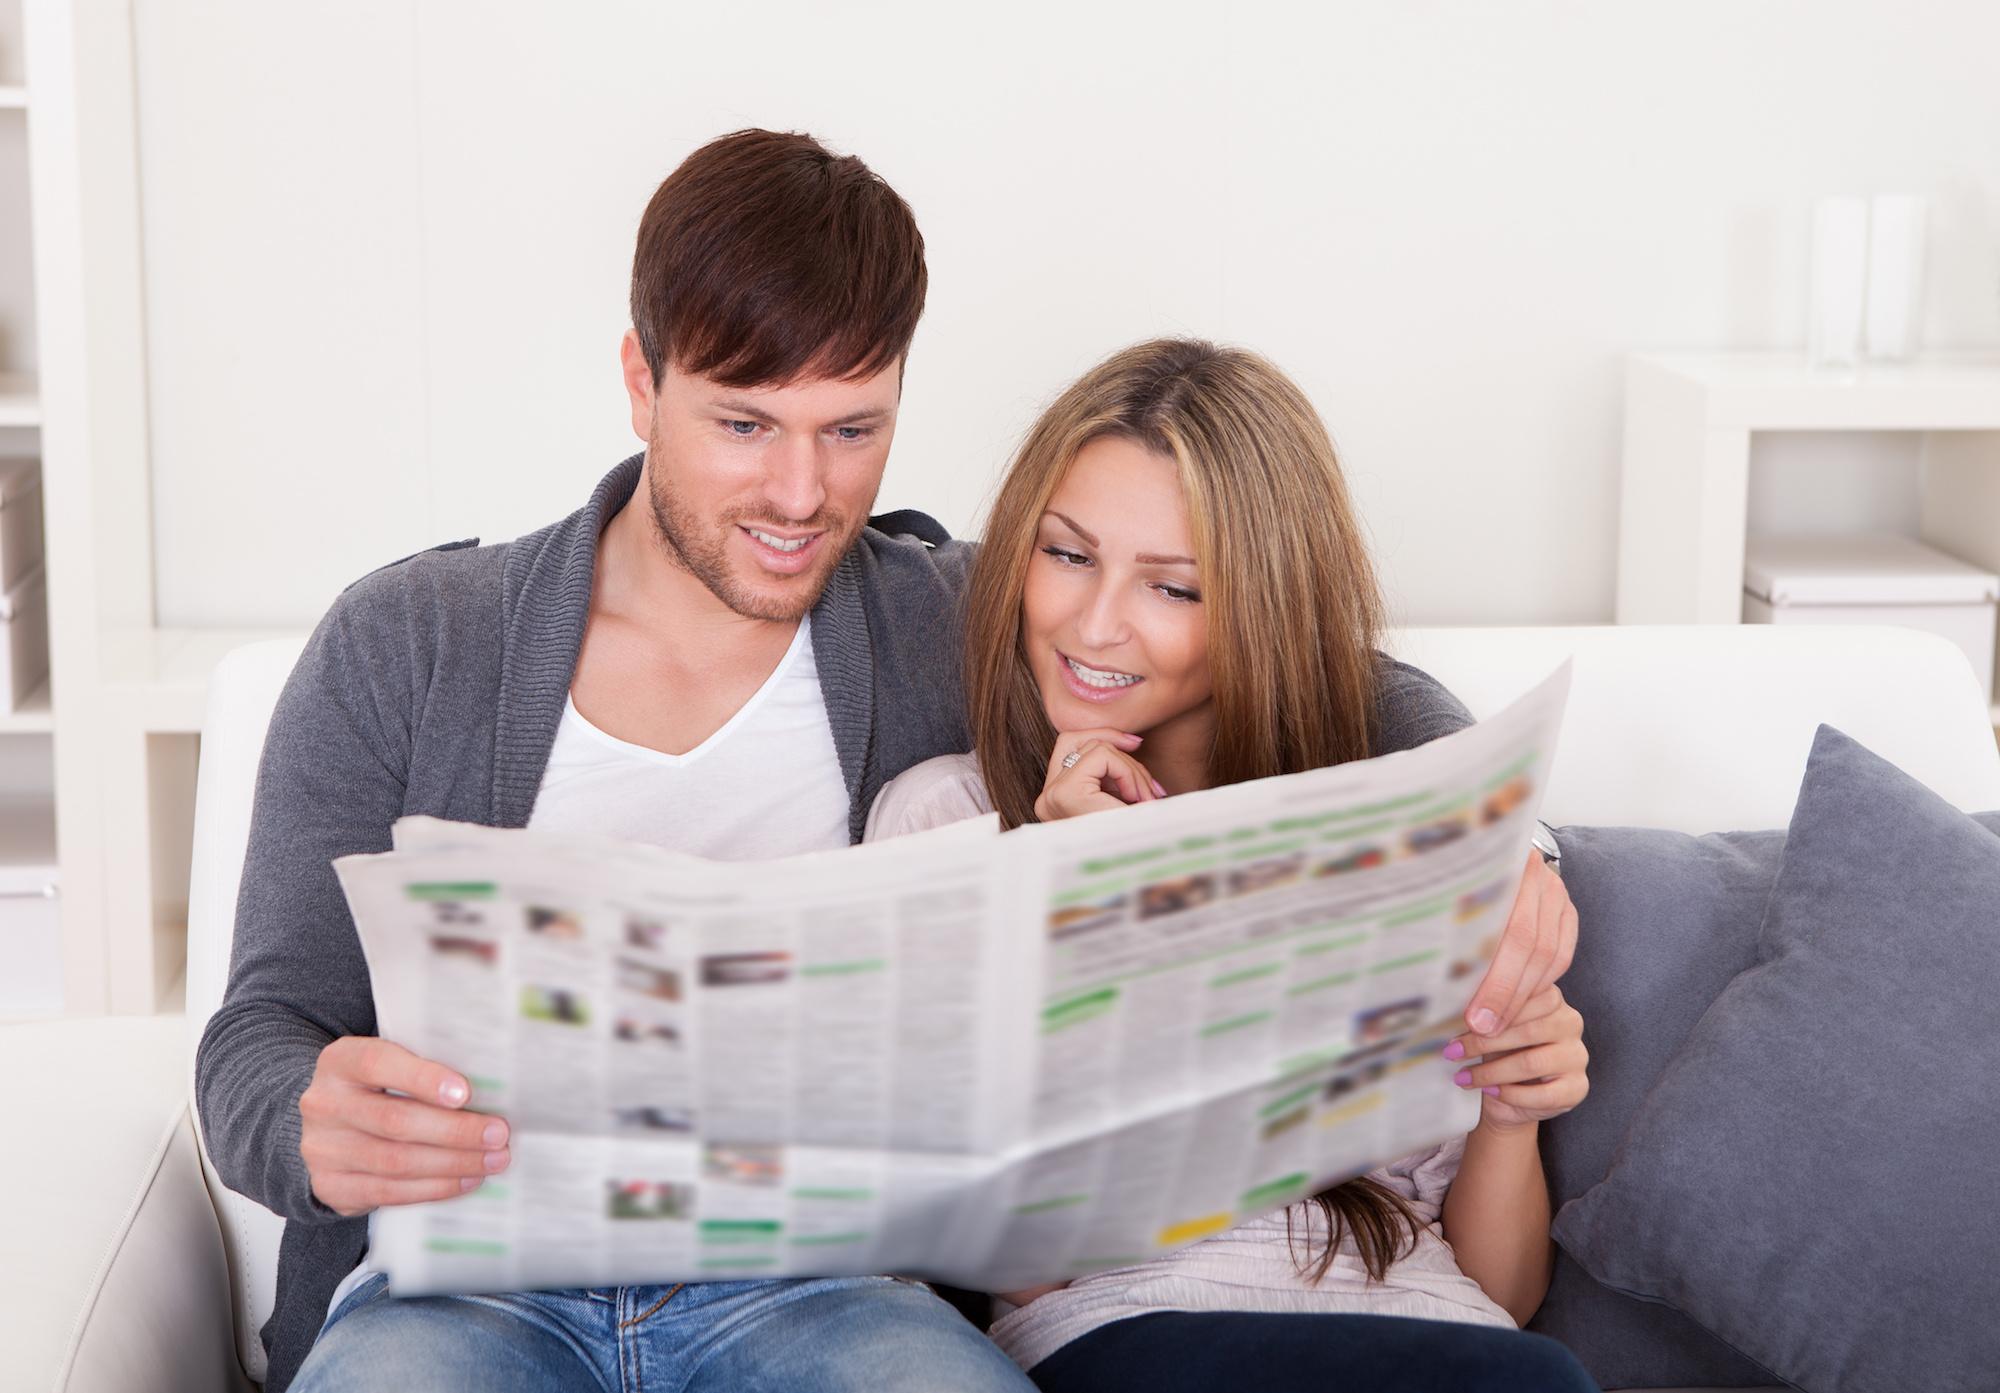 Créez votre propre journal de mariage invitation personalisée - Happiedays